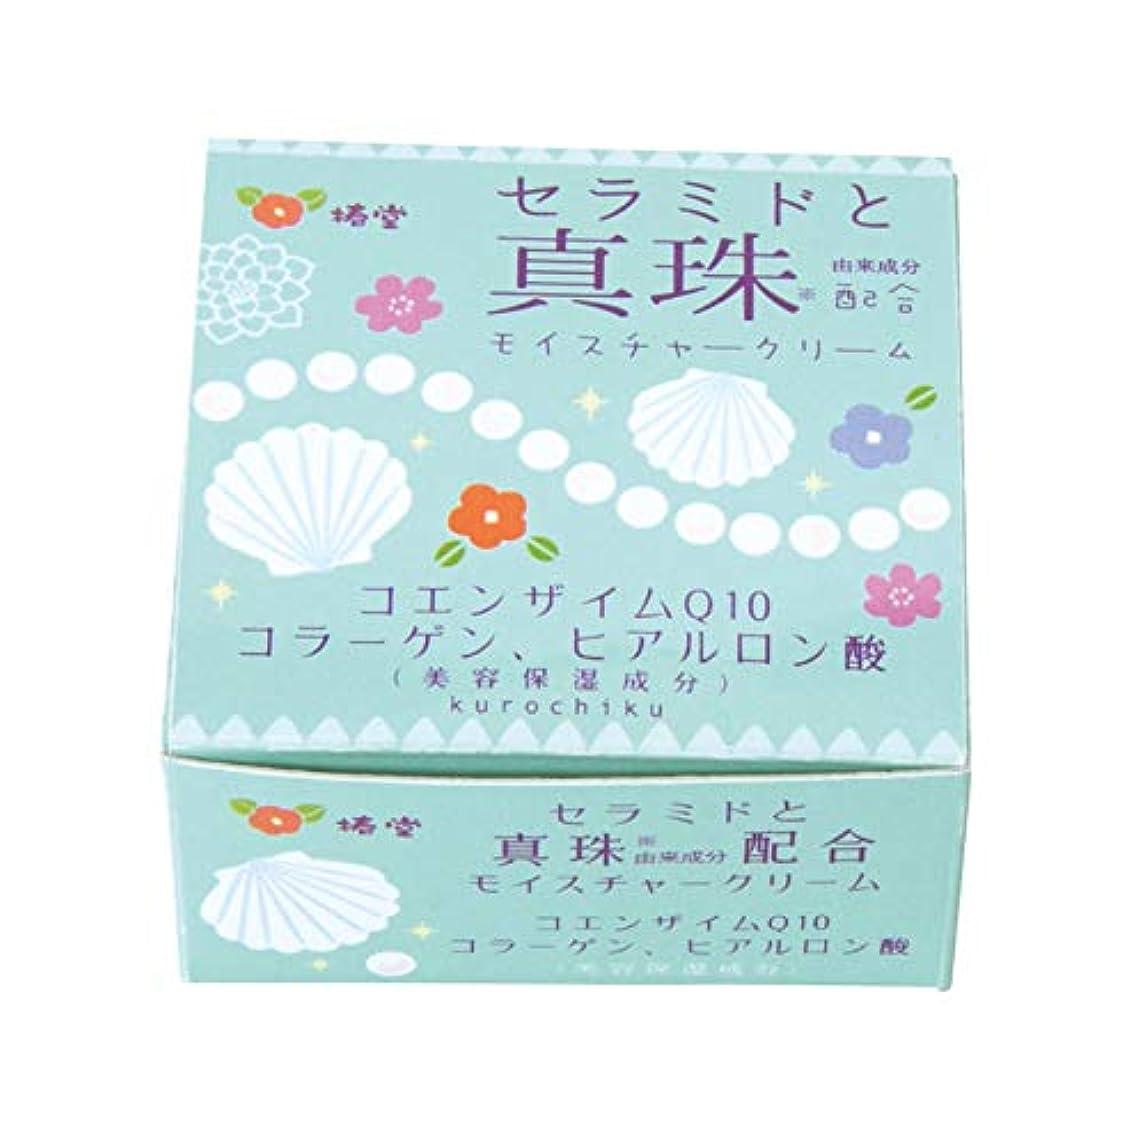 予約ミンチ適性椿堂 真珠モイスチャークリーム (セラミドと真珠) 京都くろちく